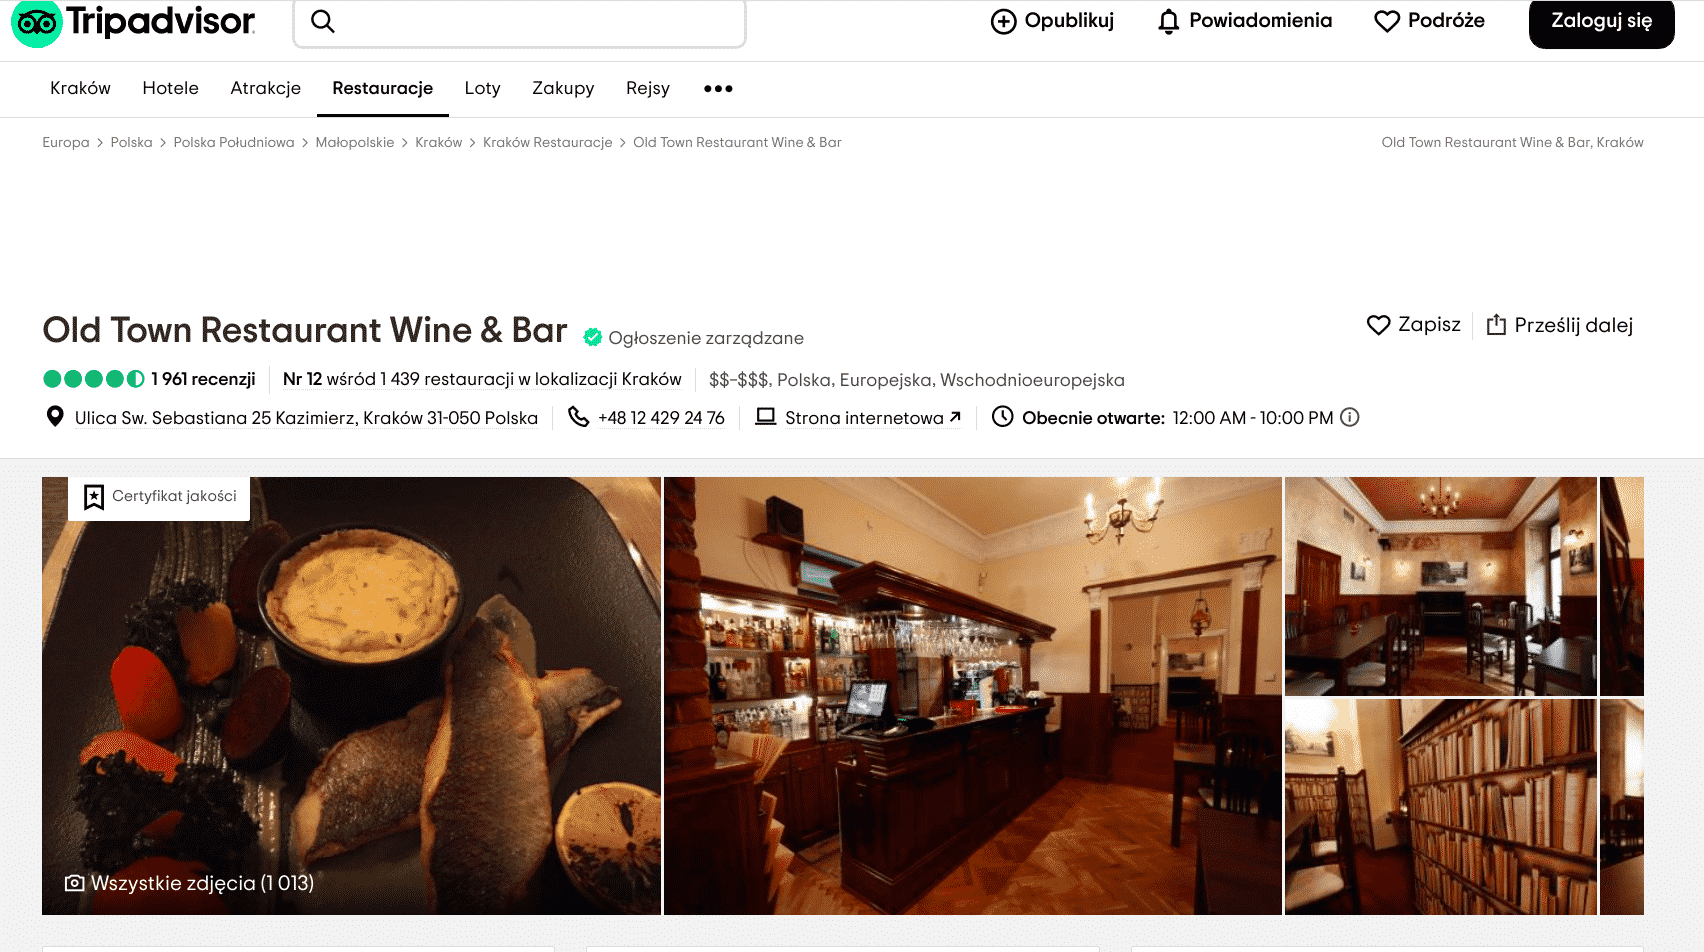 Najlepsze restauracje w Krakowie: Old Town Restaurant Wine & Bar otrzymał oceny 5.0, kiedy chodzi o atmosferę i obsługę.